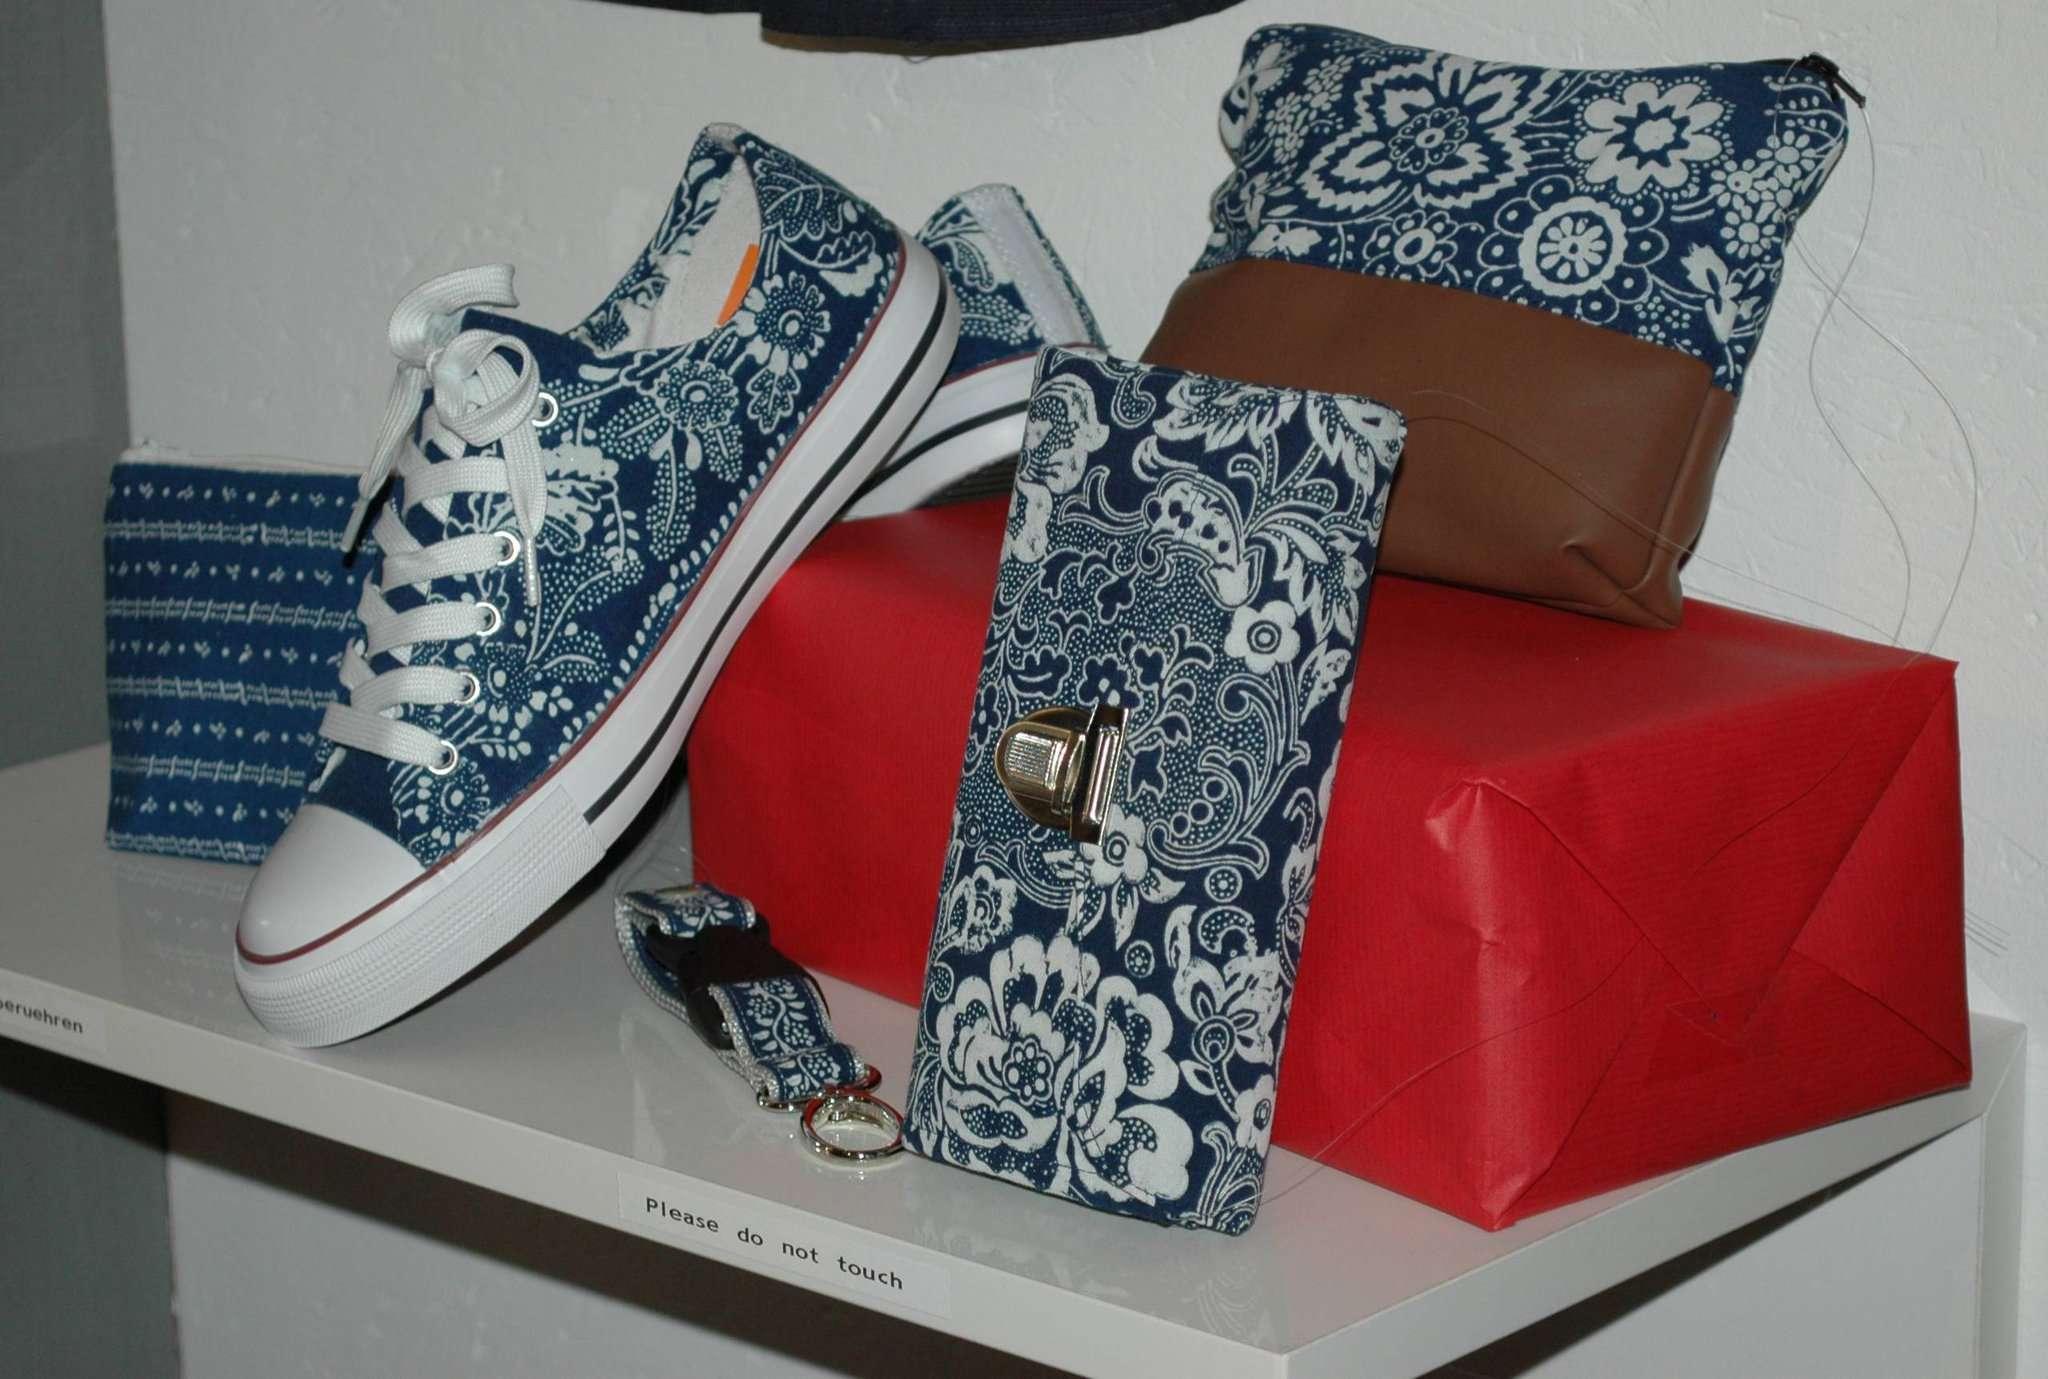 Auch heutzutage hat der Blaudruck noch seine Bedeutung in der Modewelt, wie diese Exponate der Scheeßeler Ausstellung belegen. Fotos: Jens Lou00ebs